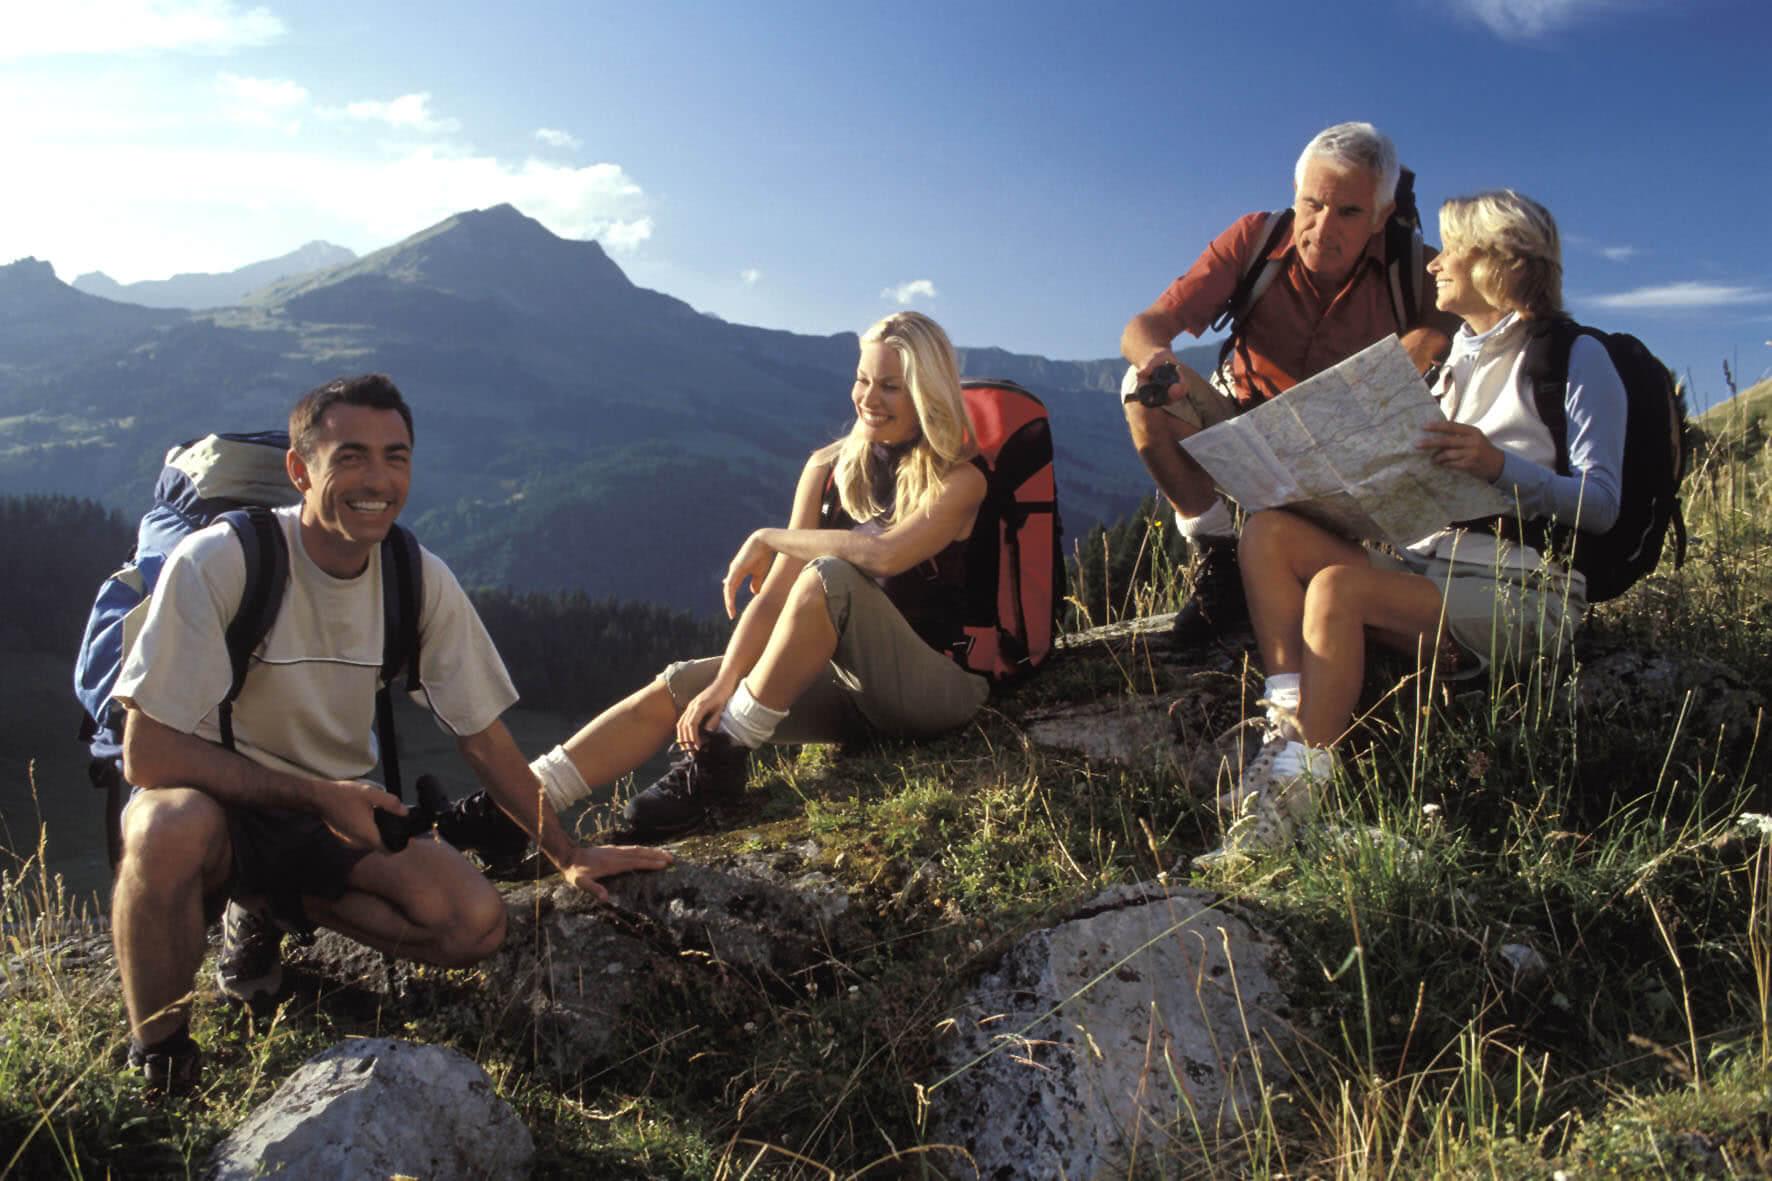 Идея для бизнеса - эко-туризм